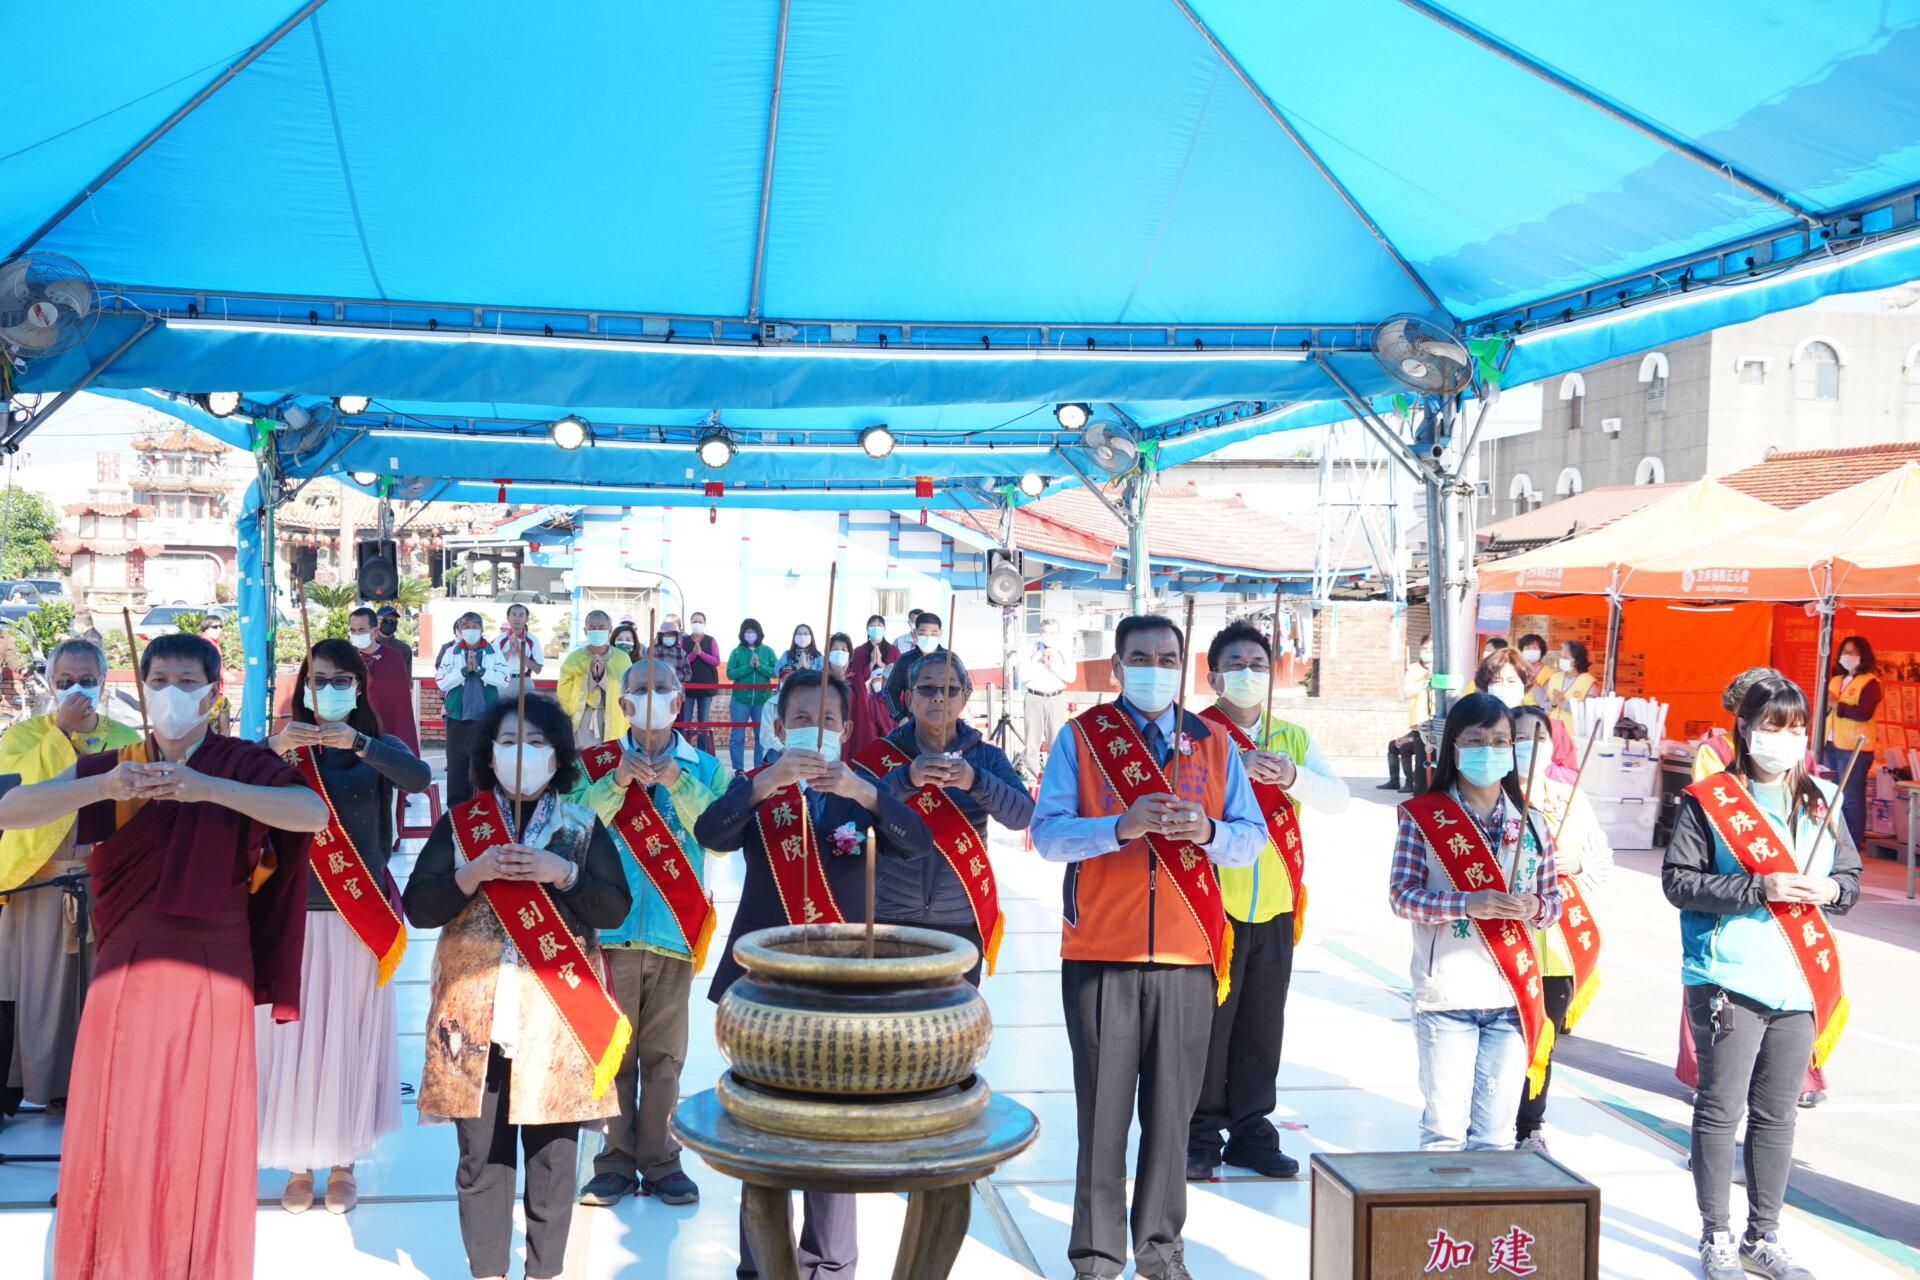 行動佛殿116站台南後壁,本會師兄帶領貴賓上香祈福